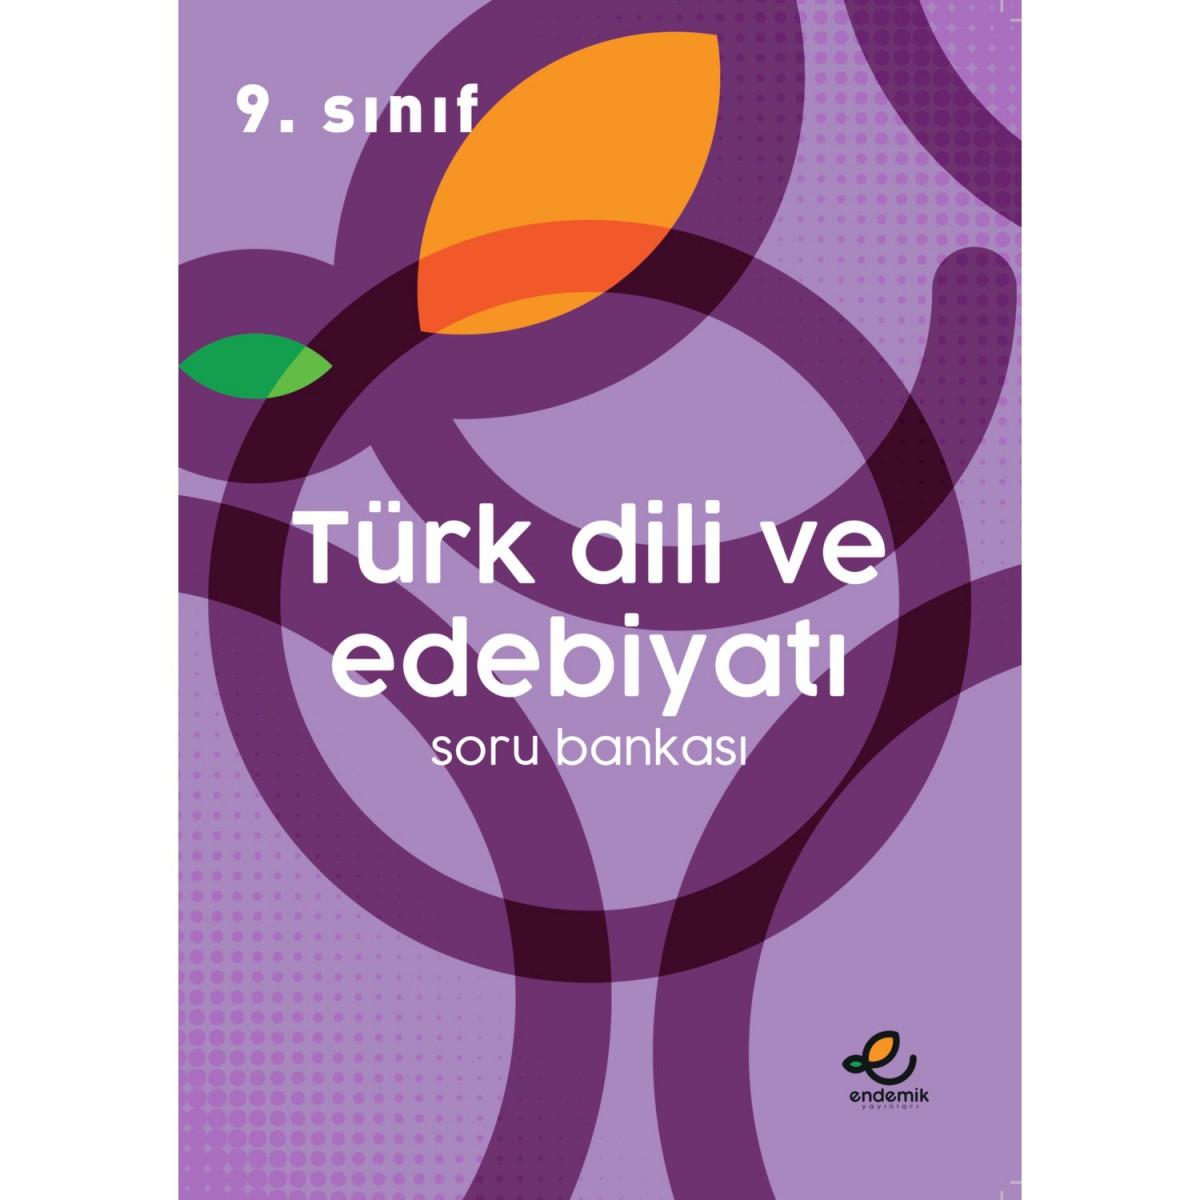 9.Sınıf Türk Dili ve Edebiyatı Soru Bankası - Endemik